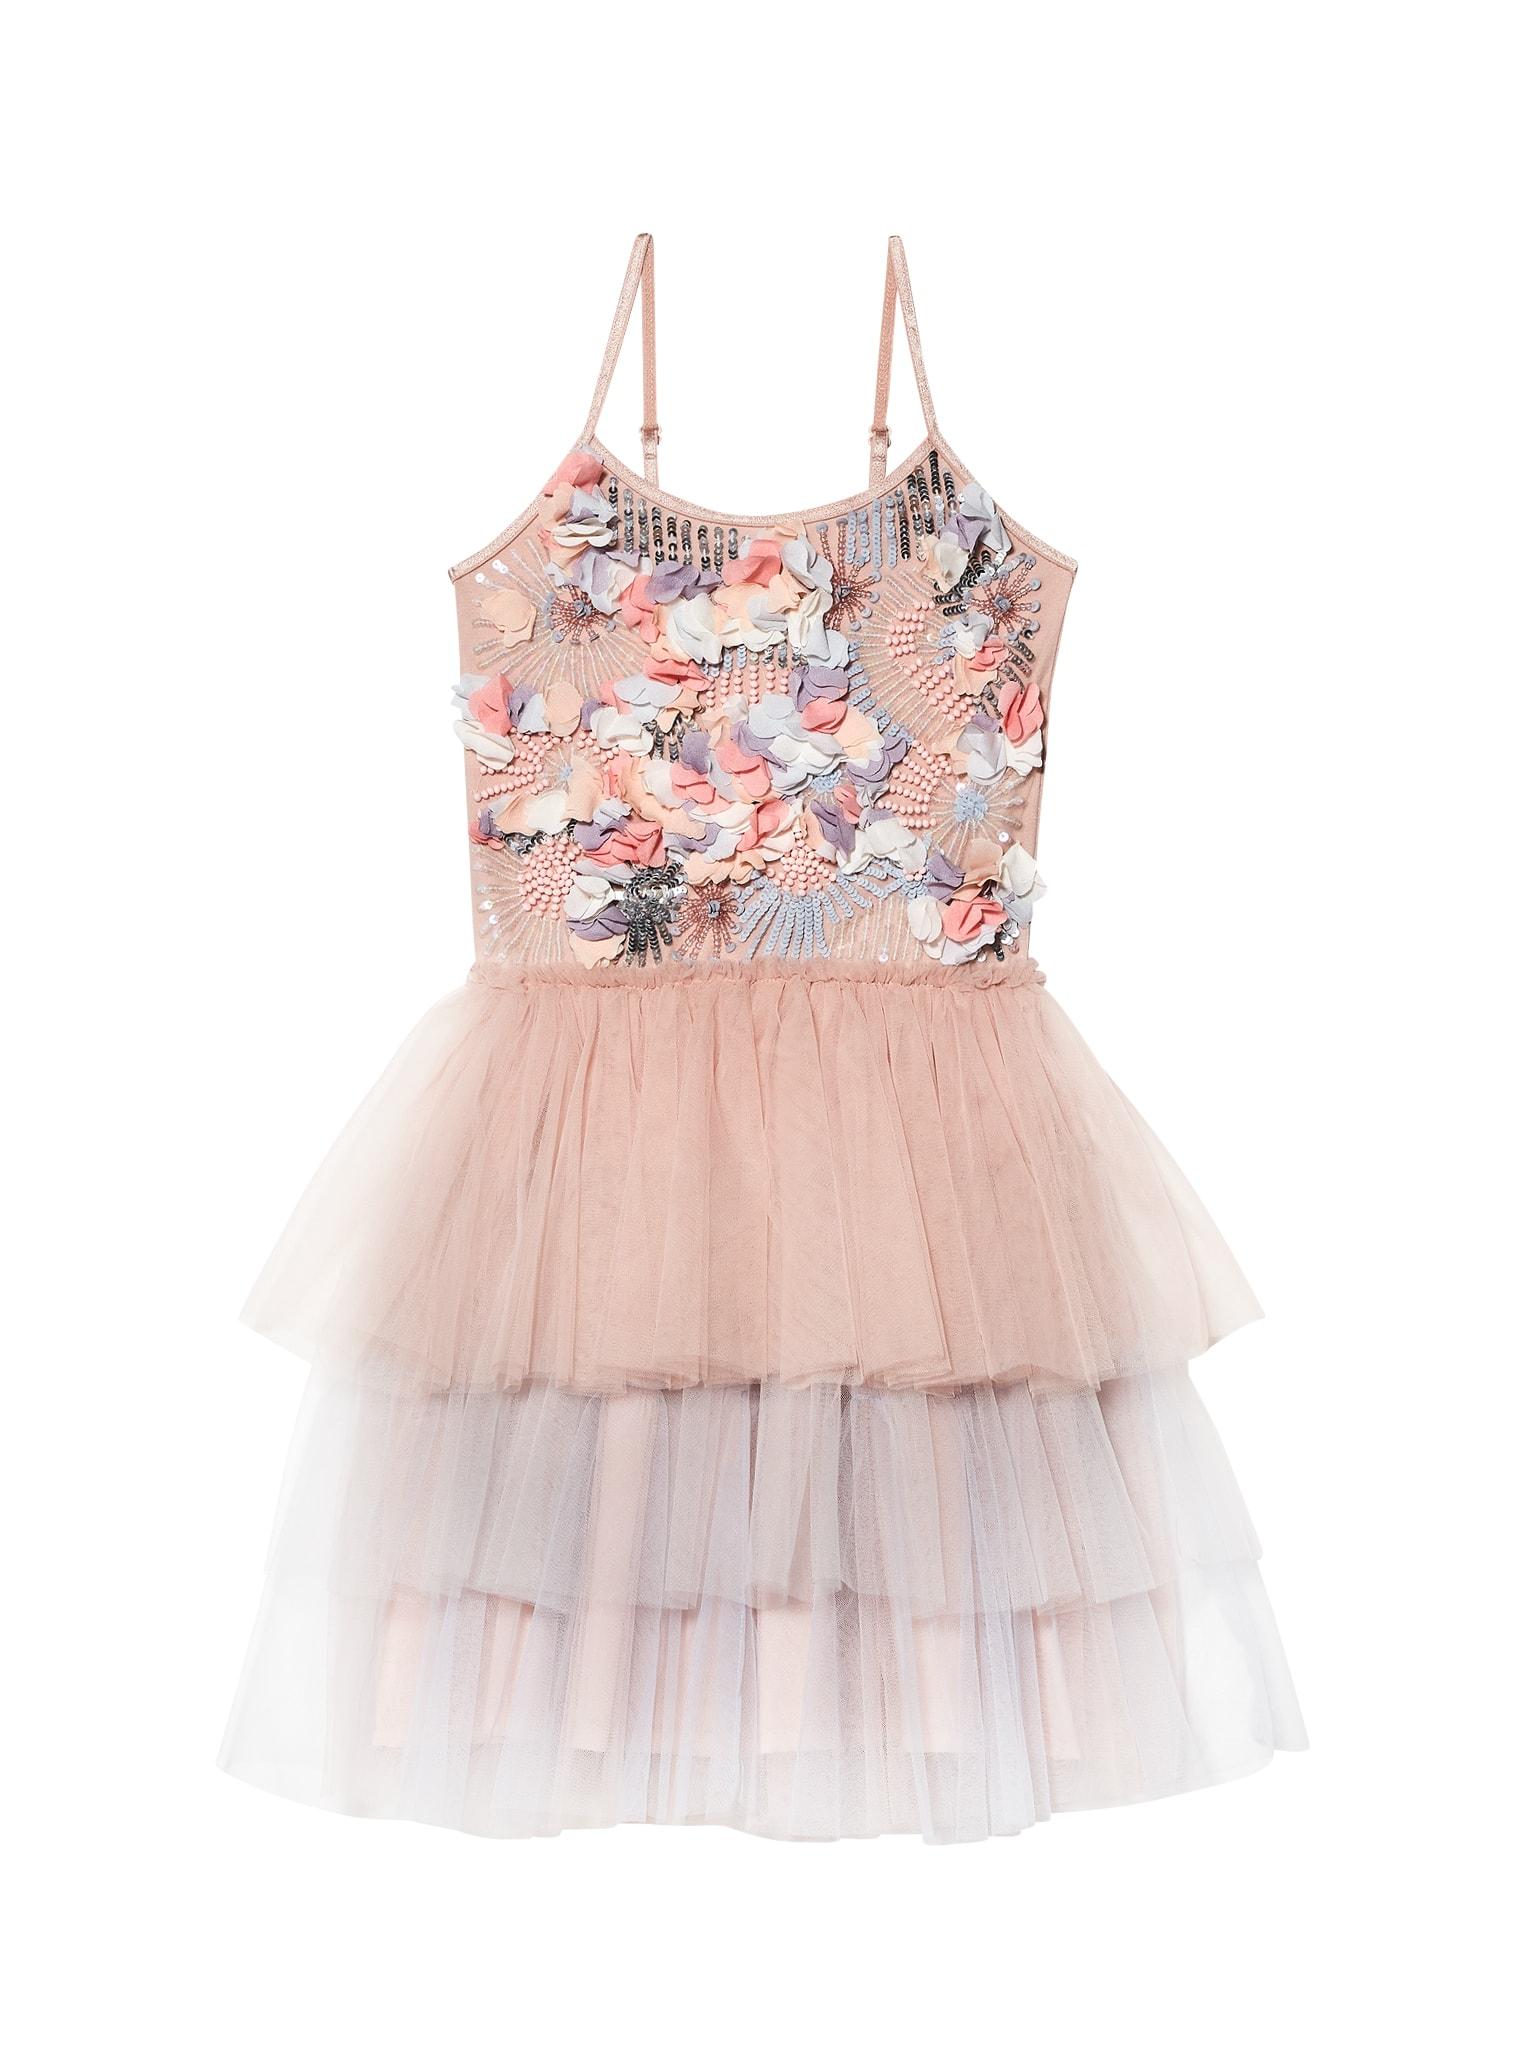 Tdm4082 fifth avenue tutu dress 01 min